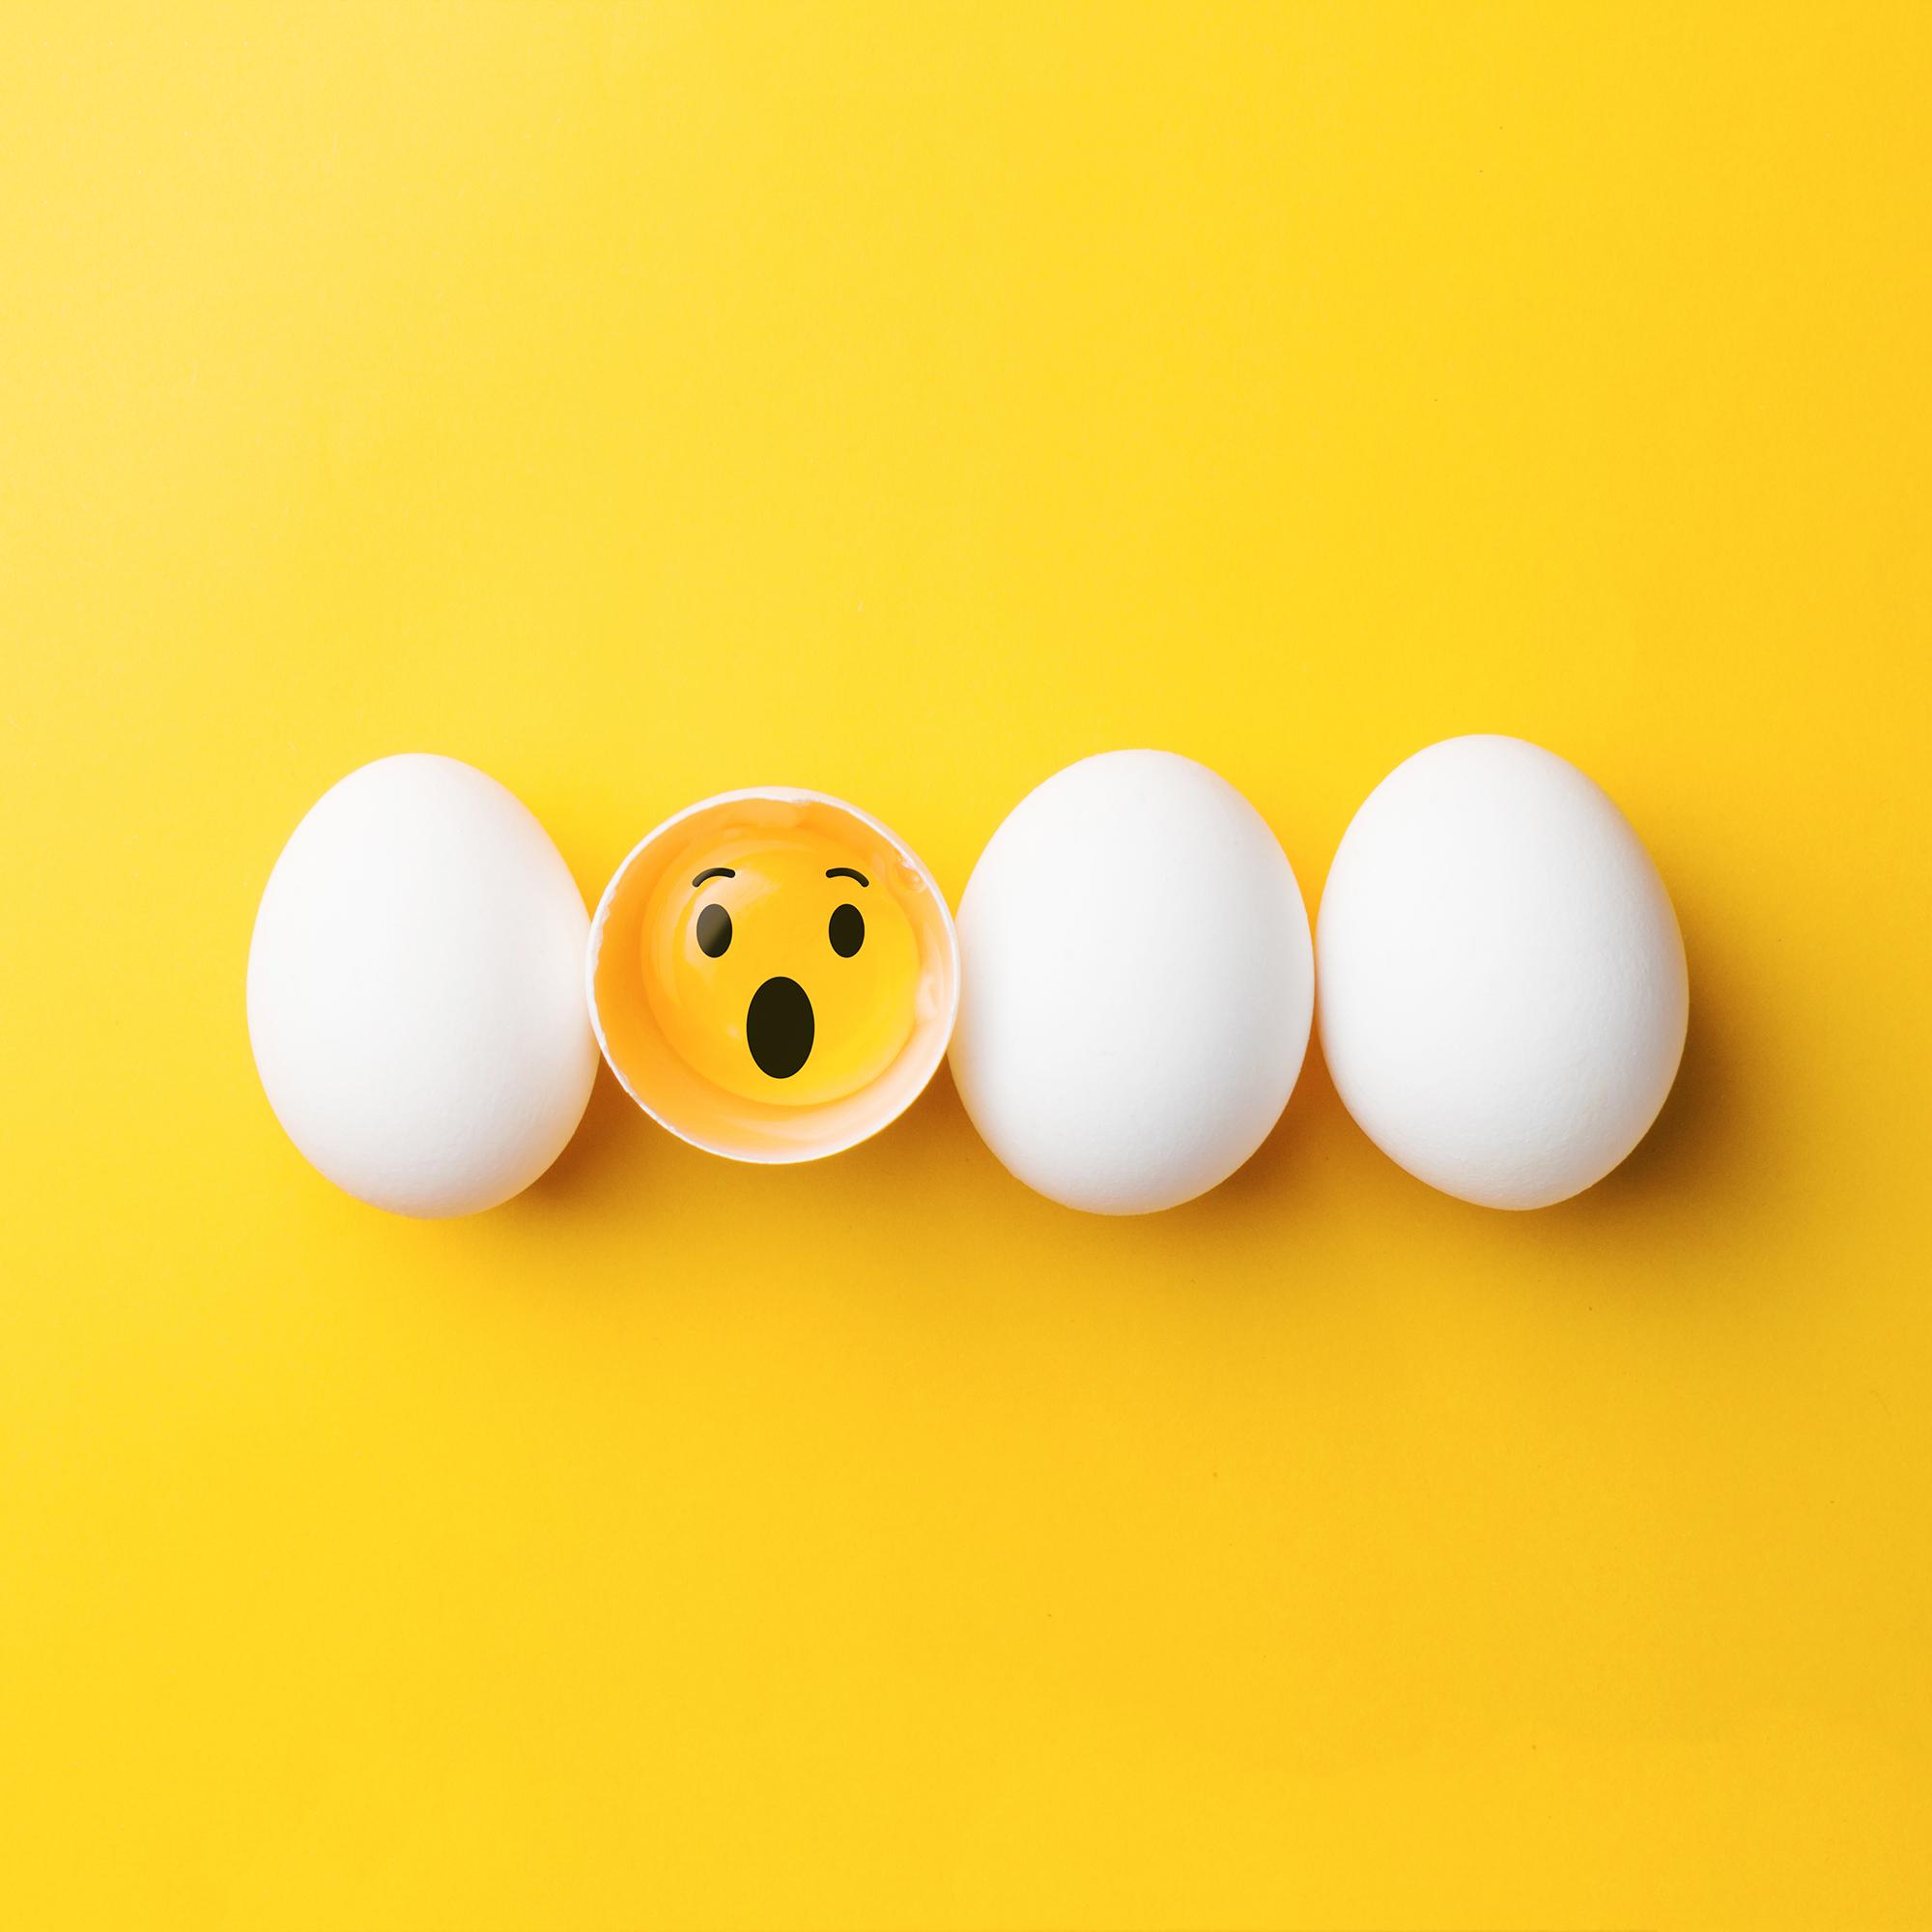 eggsellent